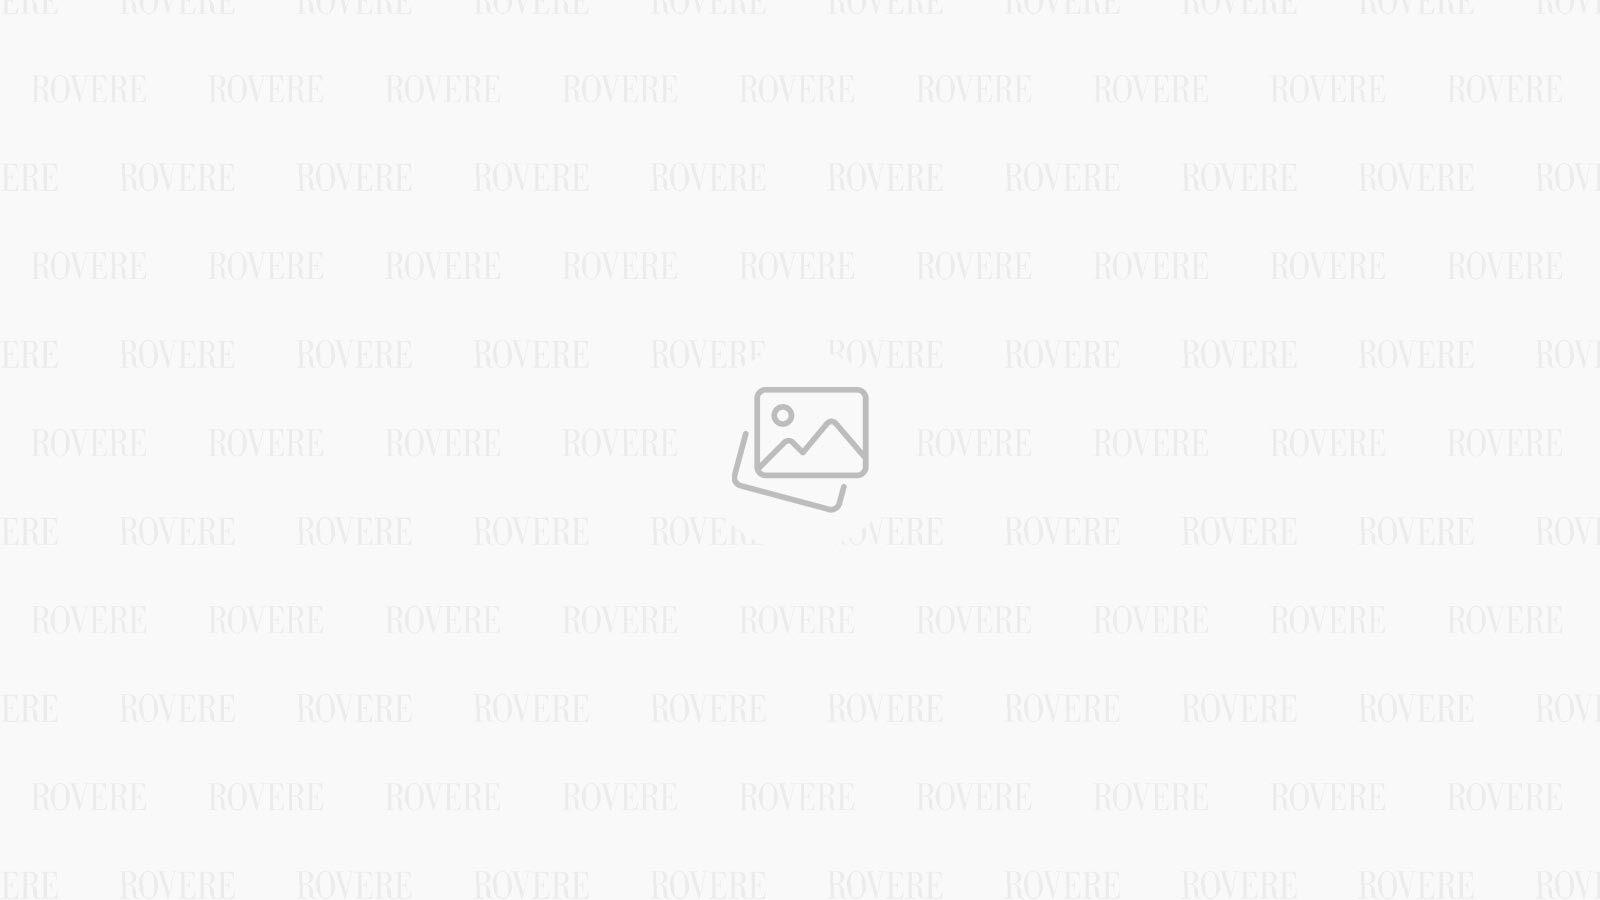 Canapea de colt Olivia textil Velvet gri, dreapta